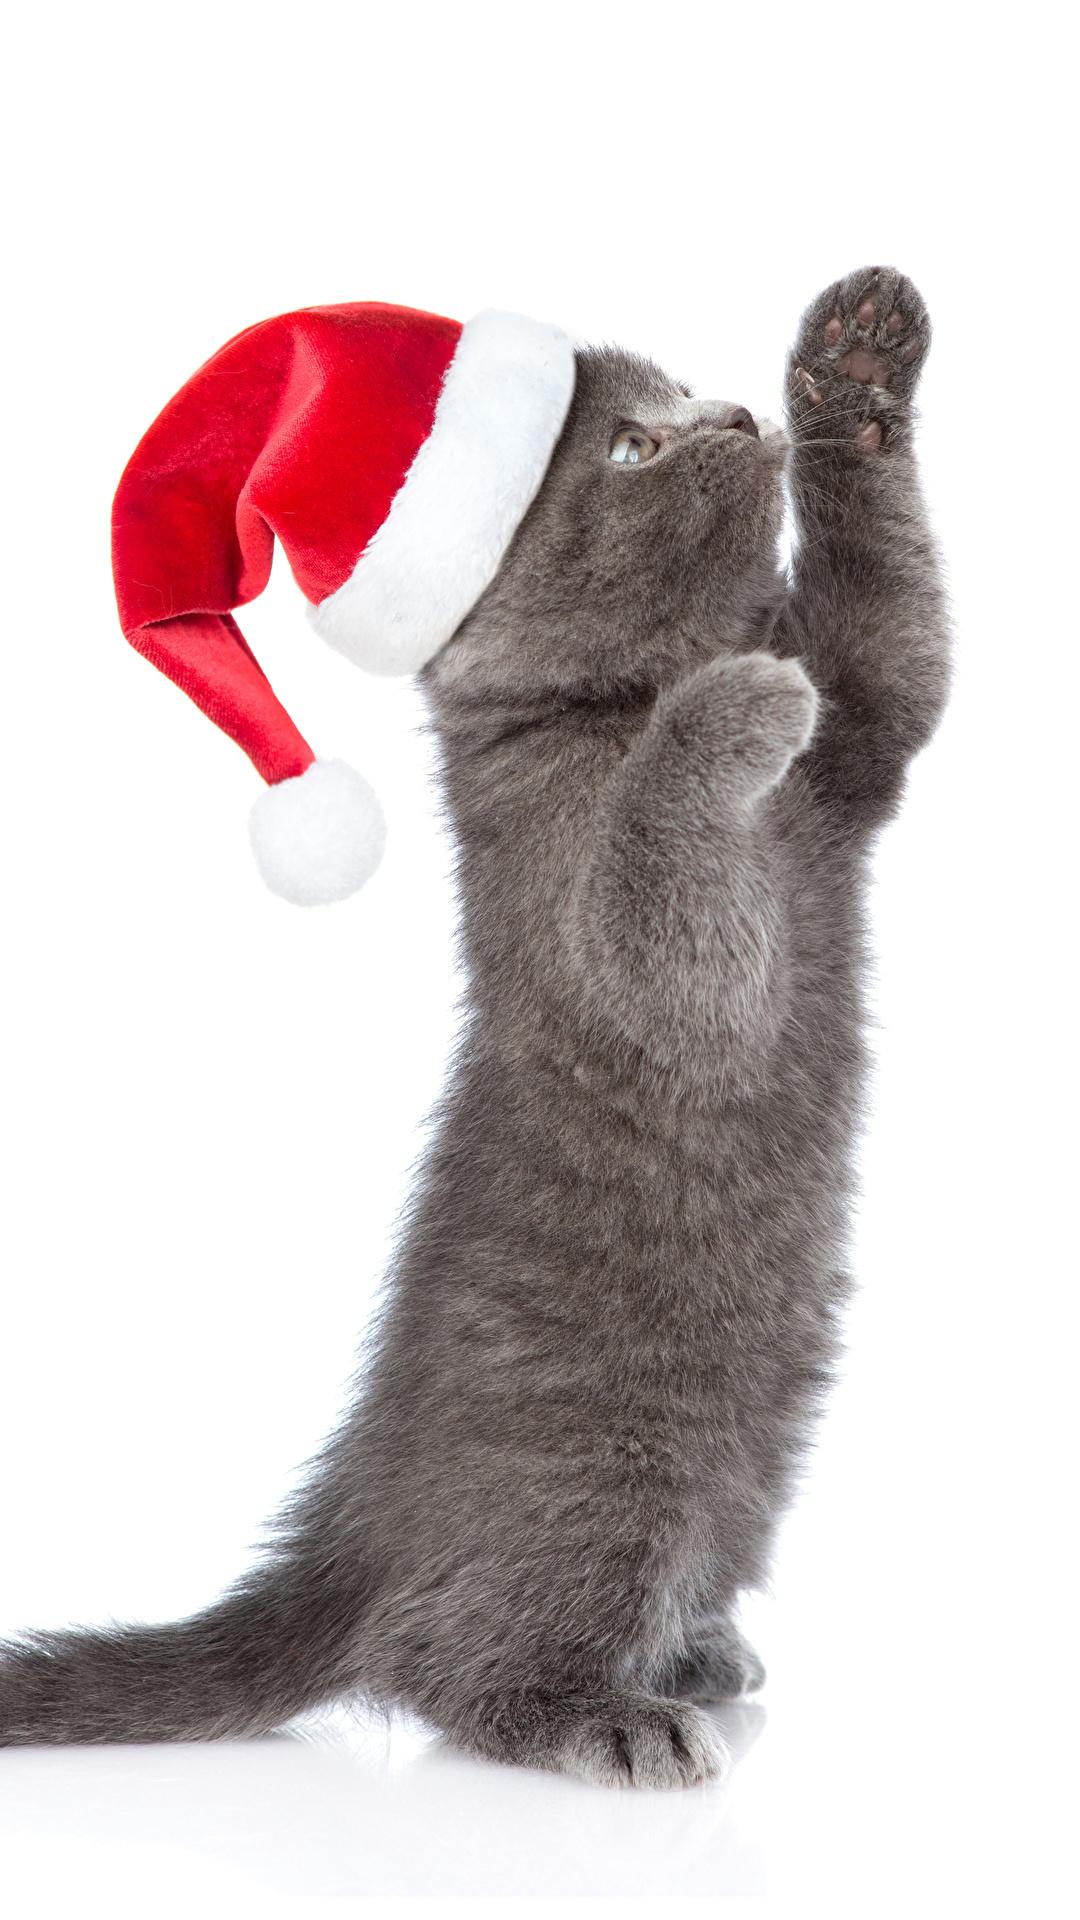 Bilder Katzenjunges Katze Neujahr graue Mütze Pfote Tiere Weißer hintergrund 1080x1920 für Handy Kätzchen Katzen Hauskatze Grau graues ein Tier